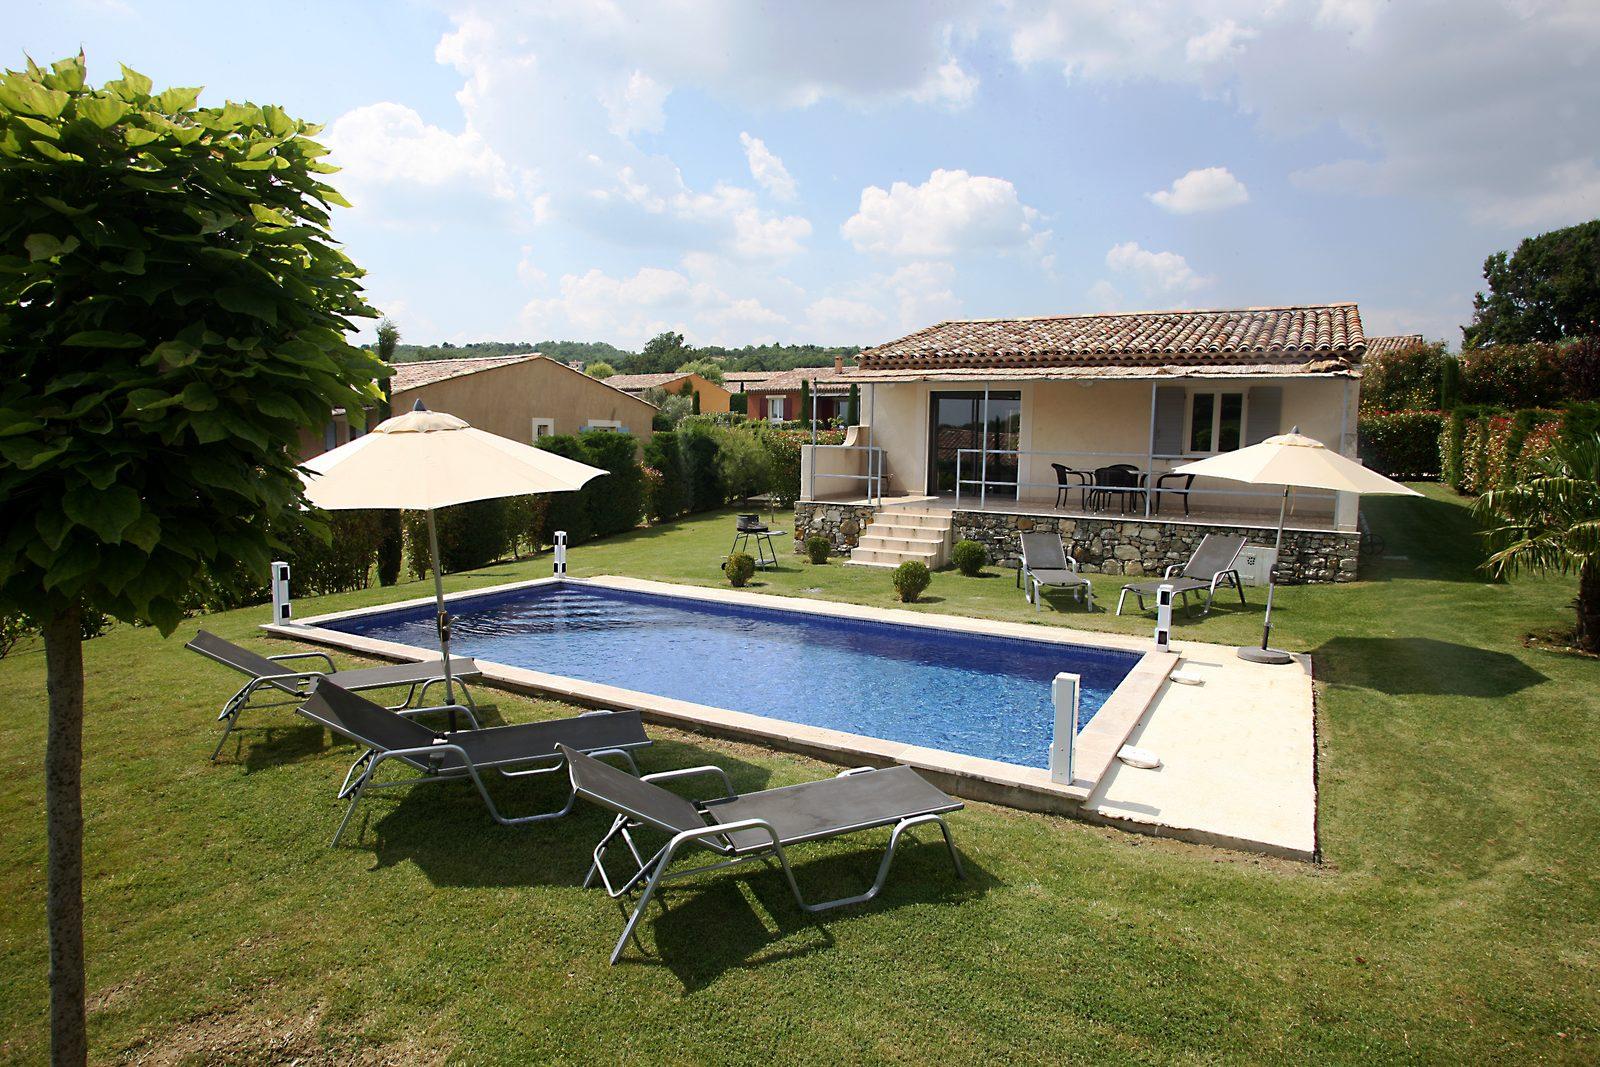 Vakantiehuis in Provence met verwarmd zwembad